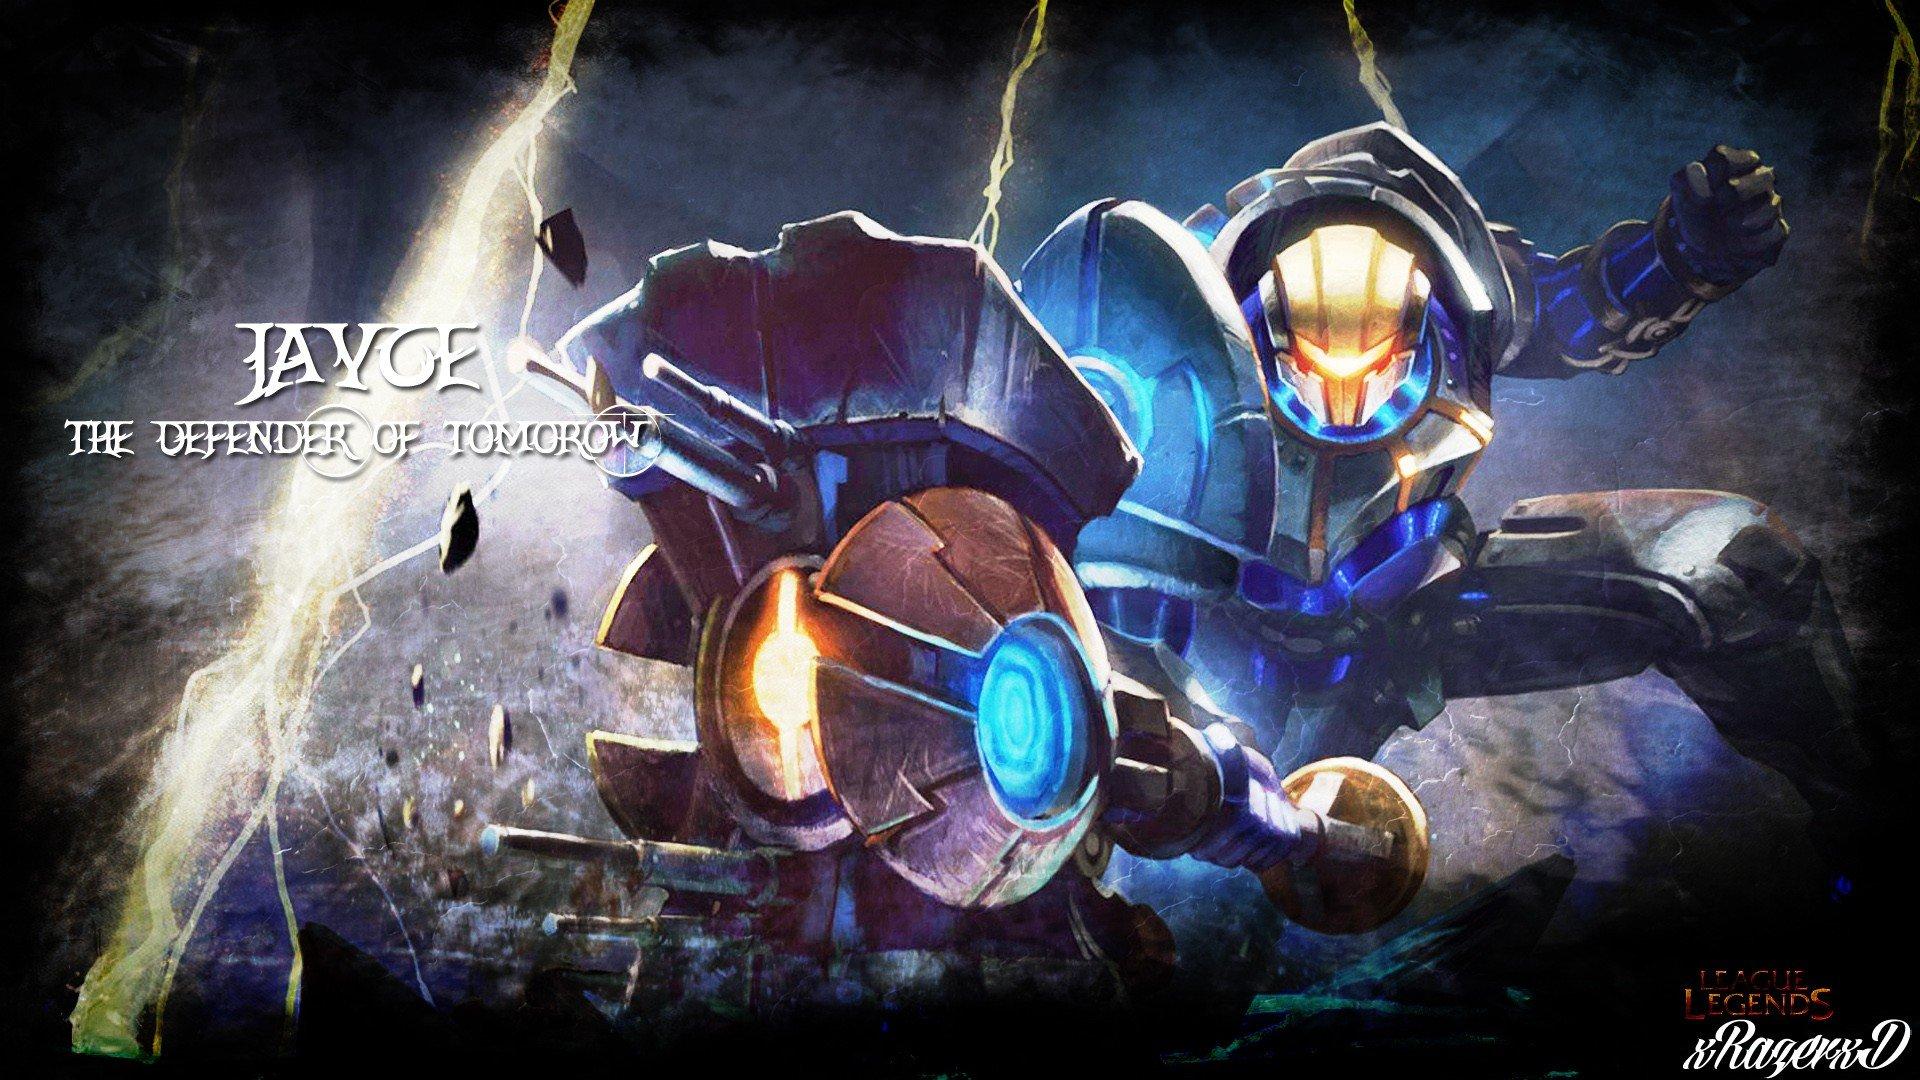 Download Hd 1080p Jayce League Of Legends Desktop Wallpaper ID171647 For Free